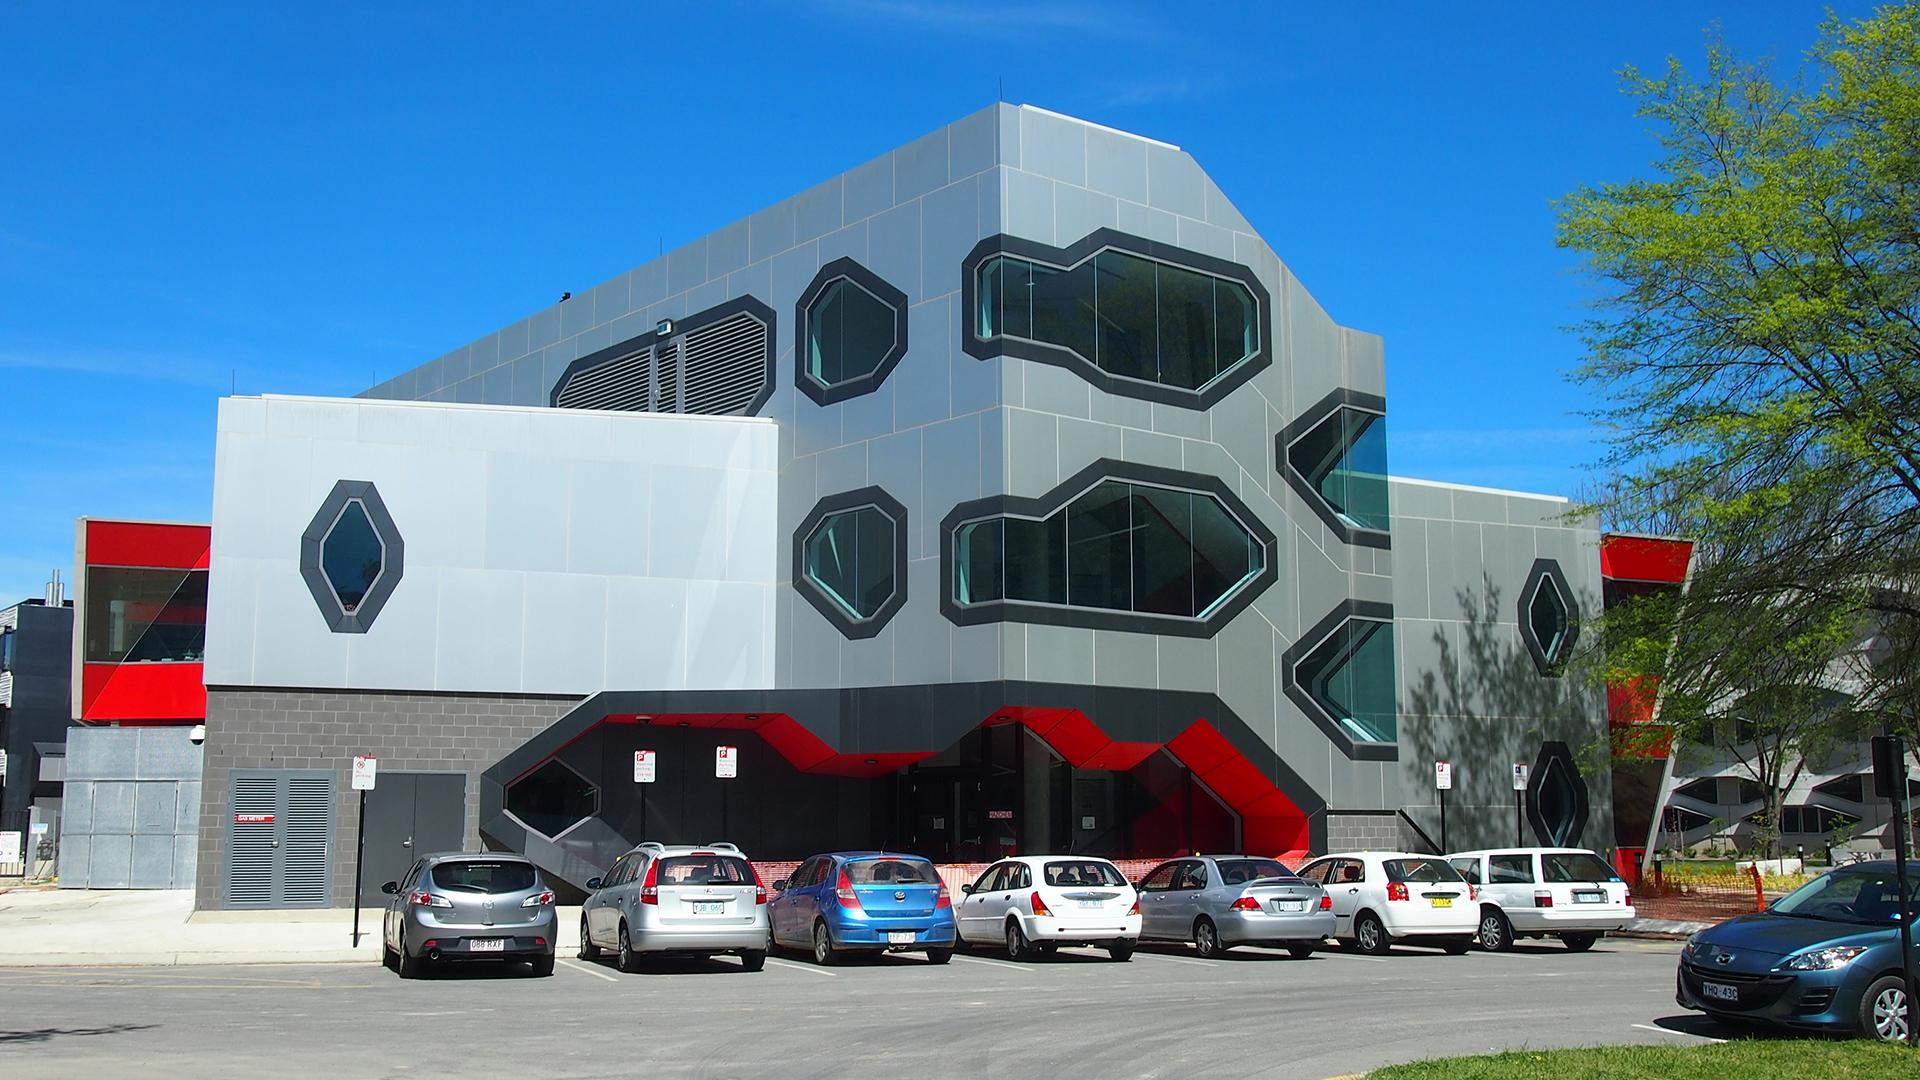 手慢无!澳大利亚国立大学部分专业停止招生!商科仅剩少量名额!